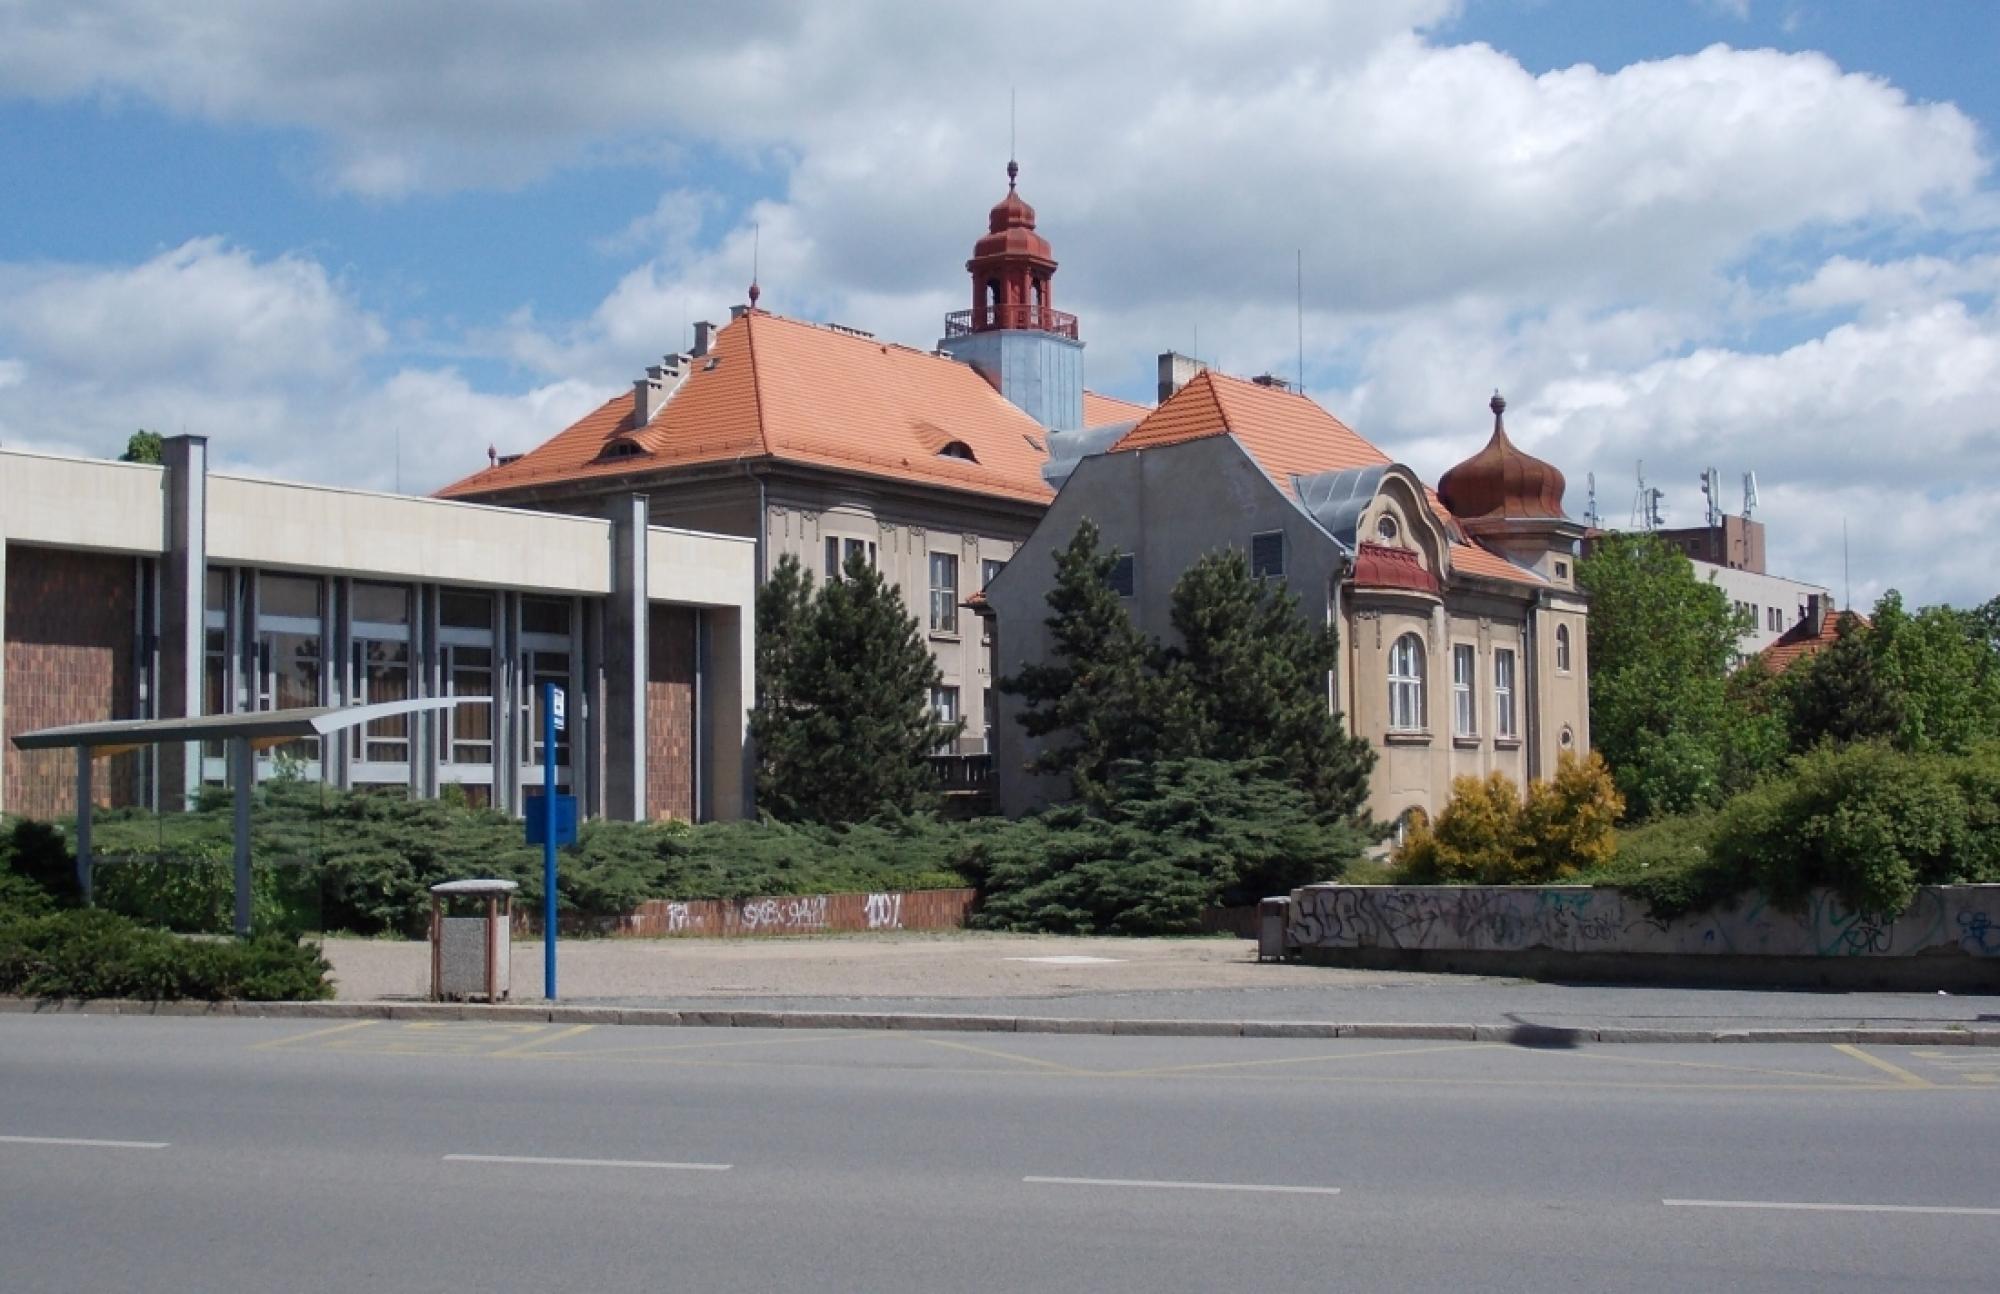 Riešenie Wagnerovho námestia, Beroun | Archinfo sk